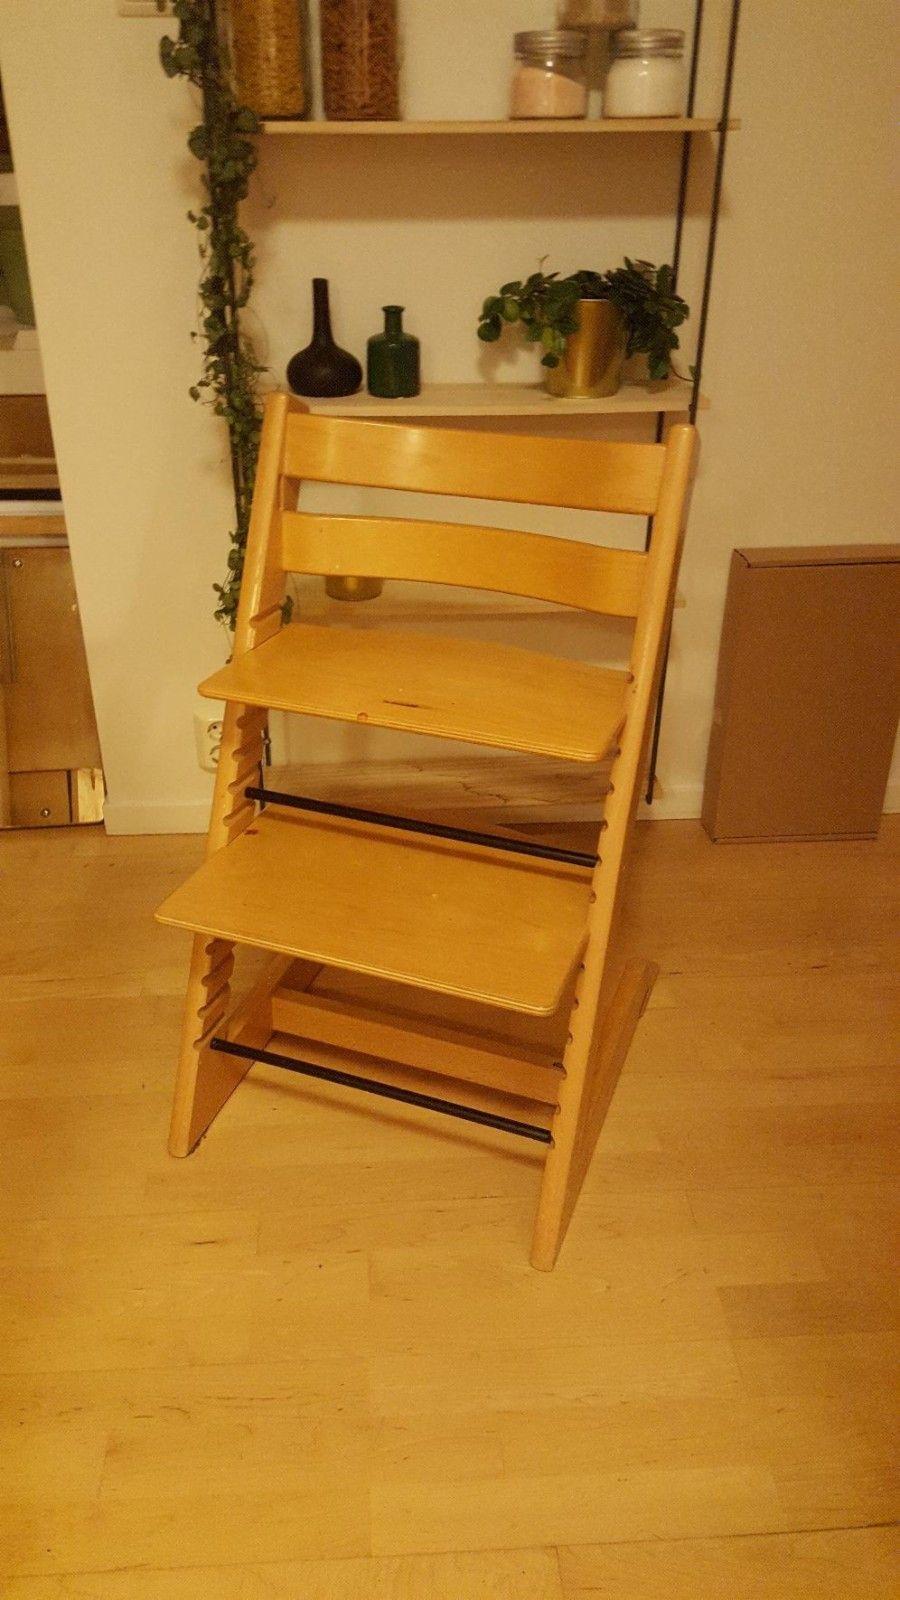 6b9b23b7 Stokke tripp trapp stol - Ulset - Brukt barnestol selges. Dette er en eldre  versjon